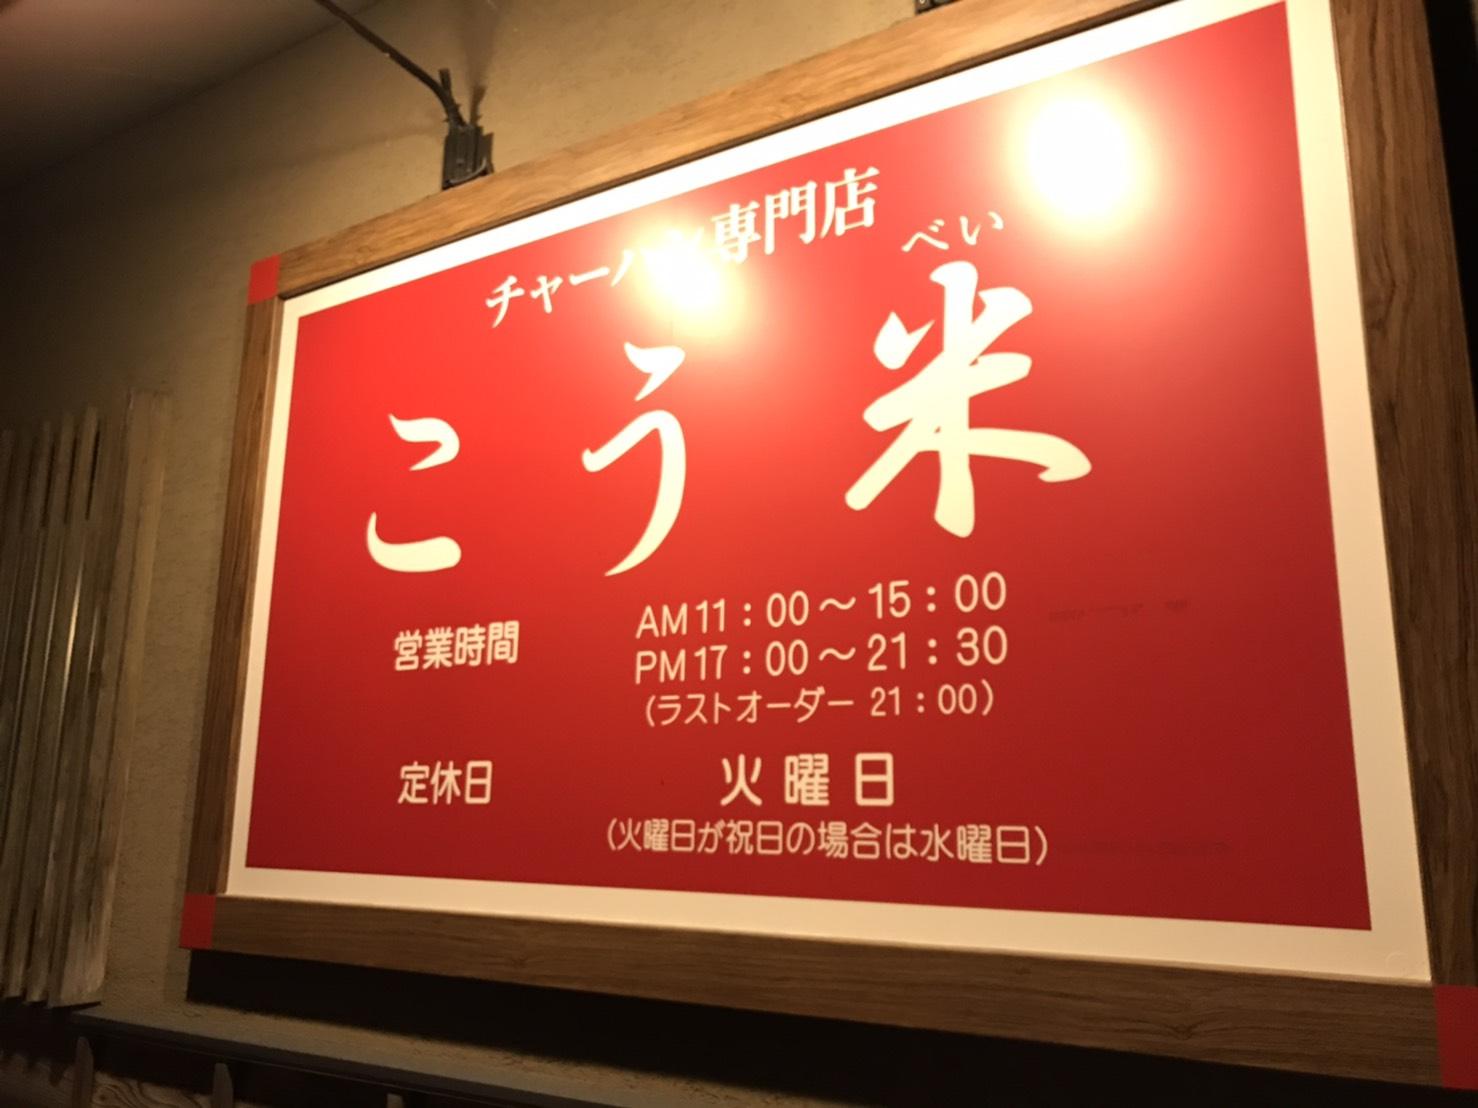 中古 熊谷 住宅 市